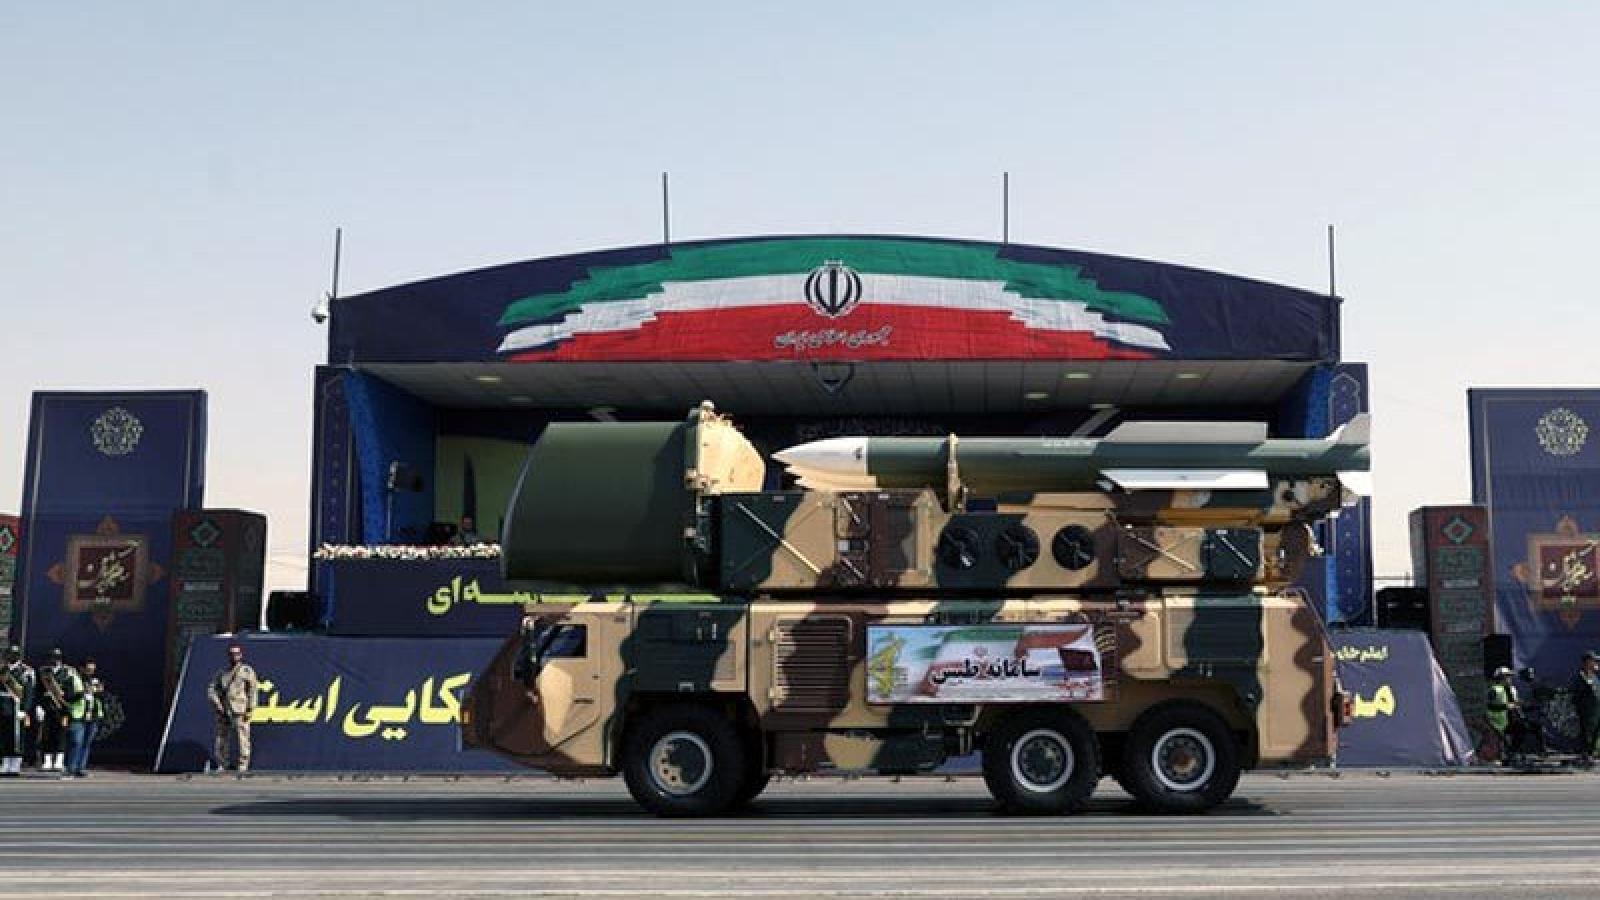 Iran vẫn đối mặt với rào cản lớn sau khi lệnh cấm vận vũ khí hết hiệu lực